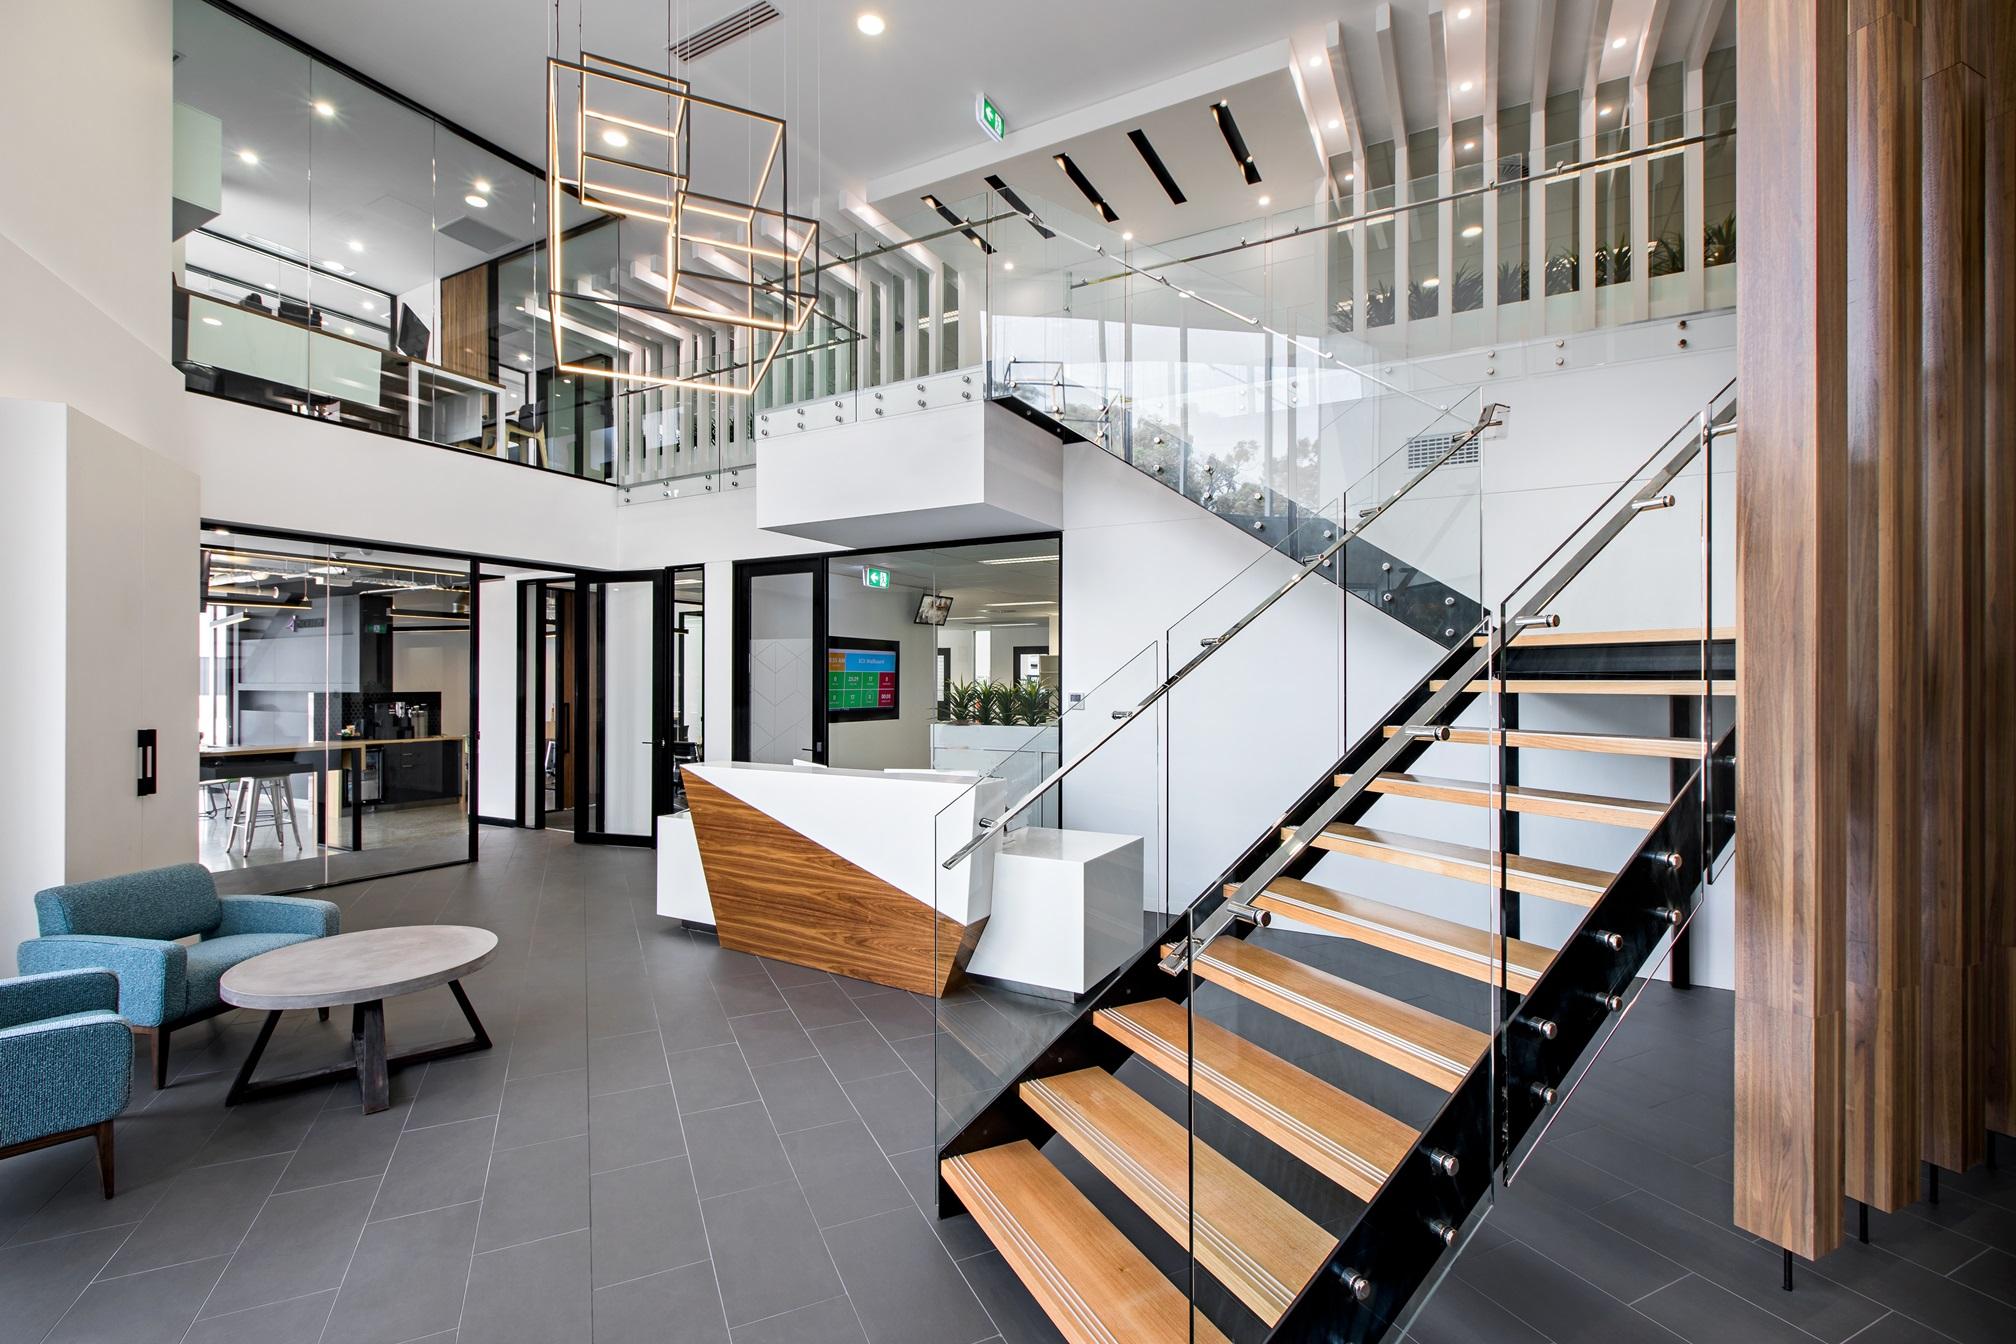 湖南浩安公装公司装修设计资讯知识办公室装修设计色彩的形状感的运用